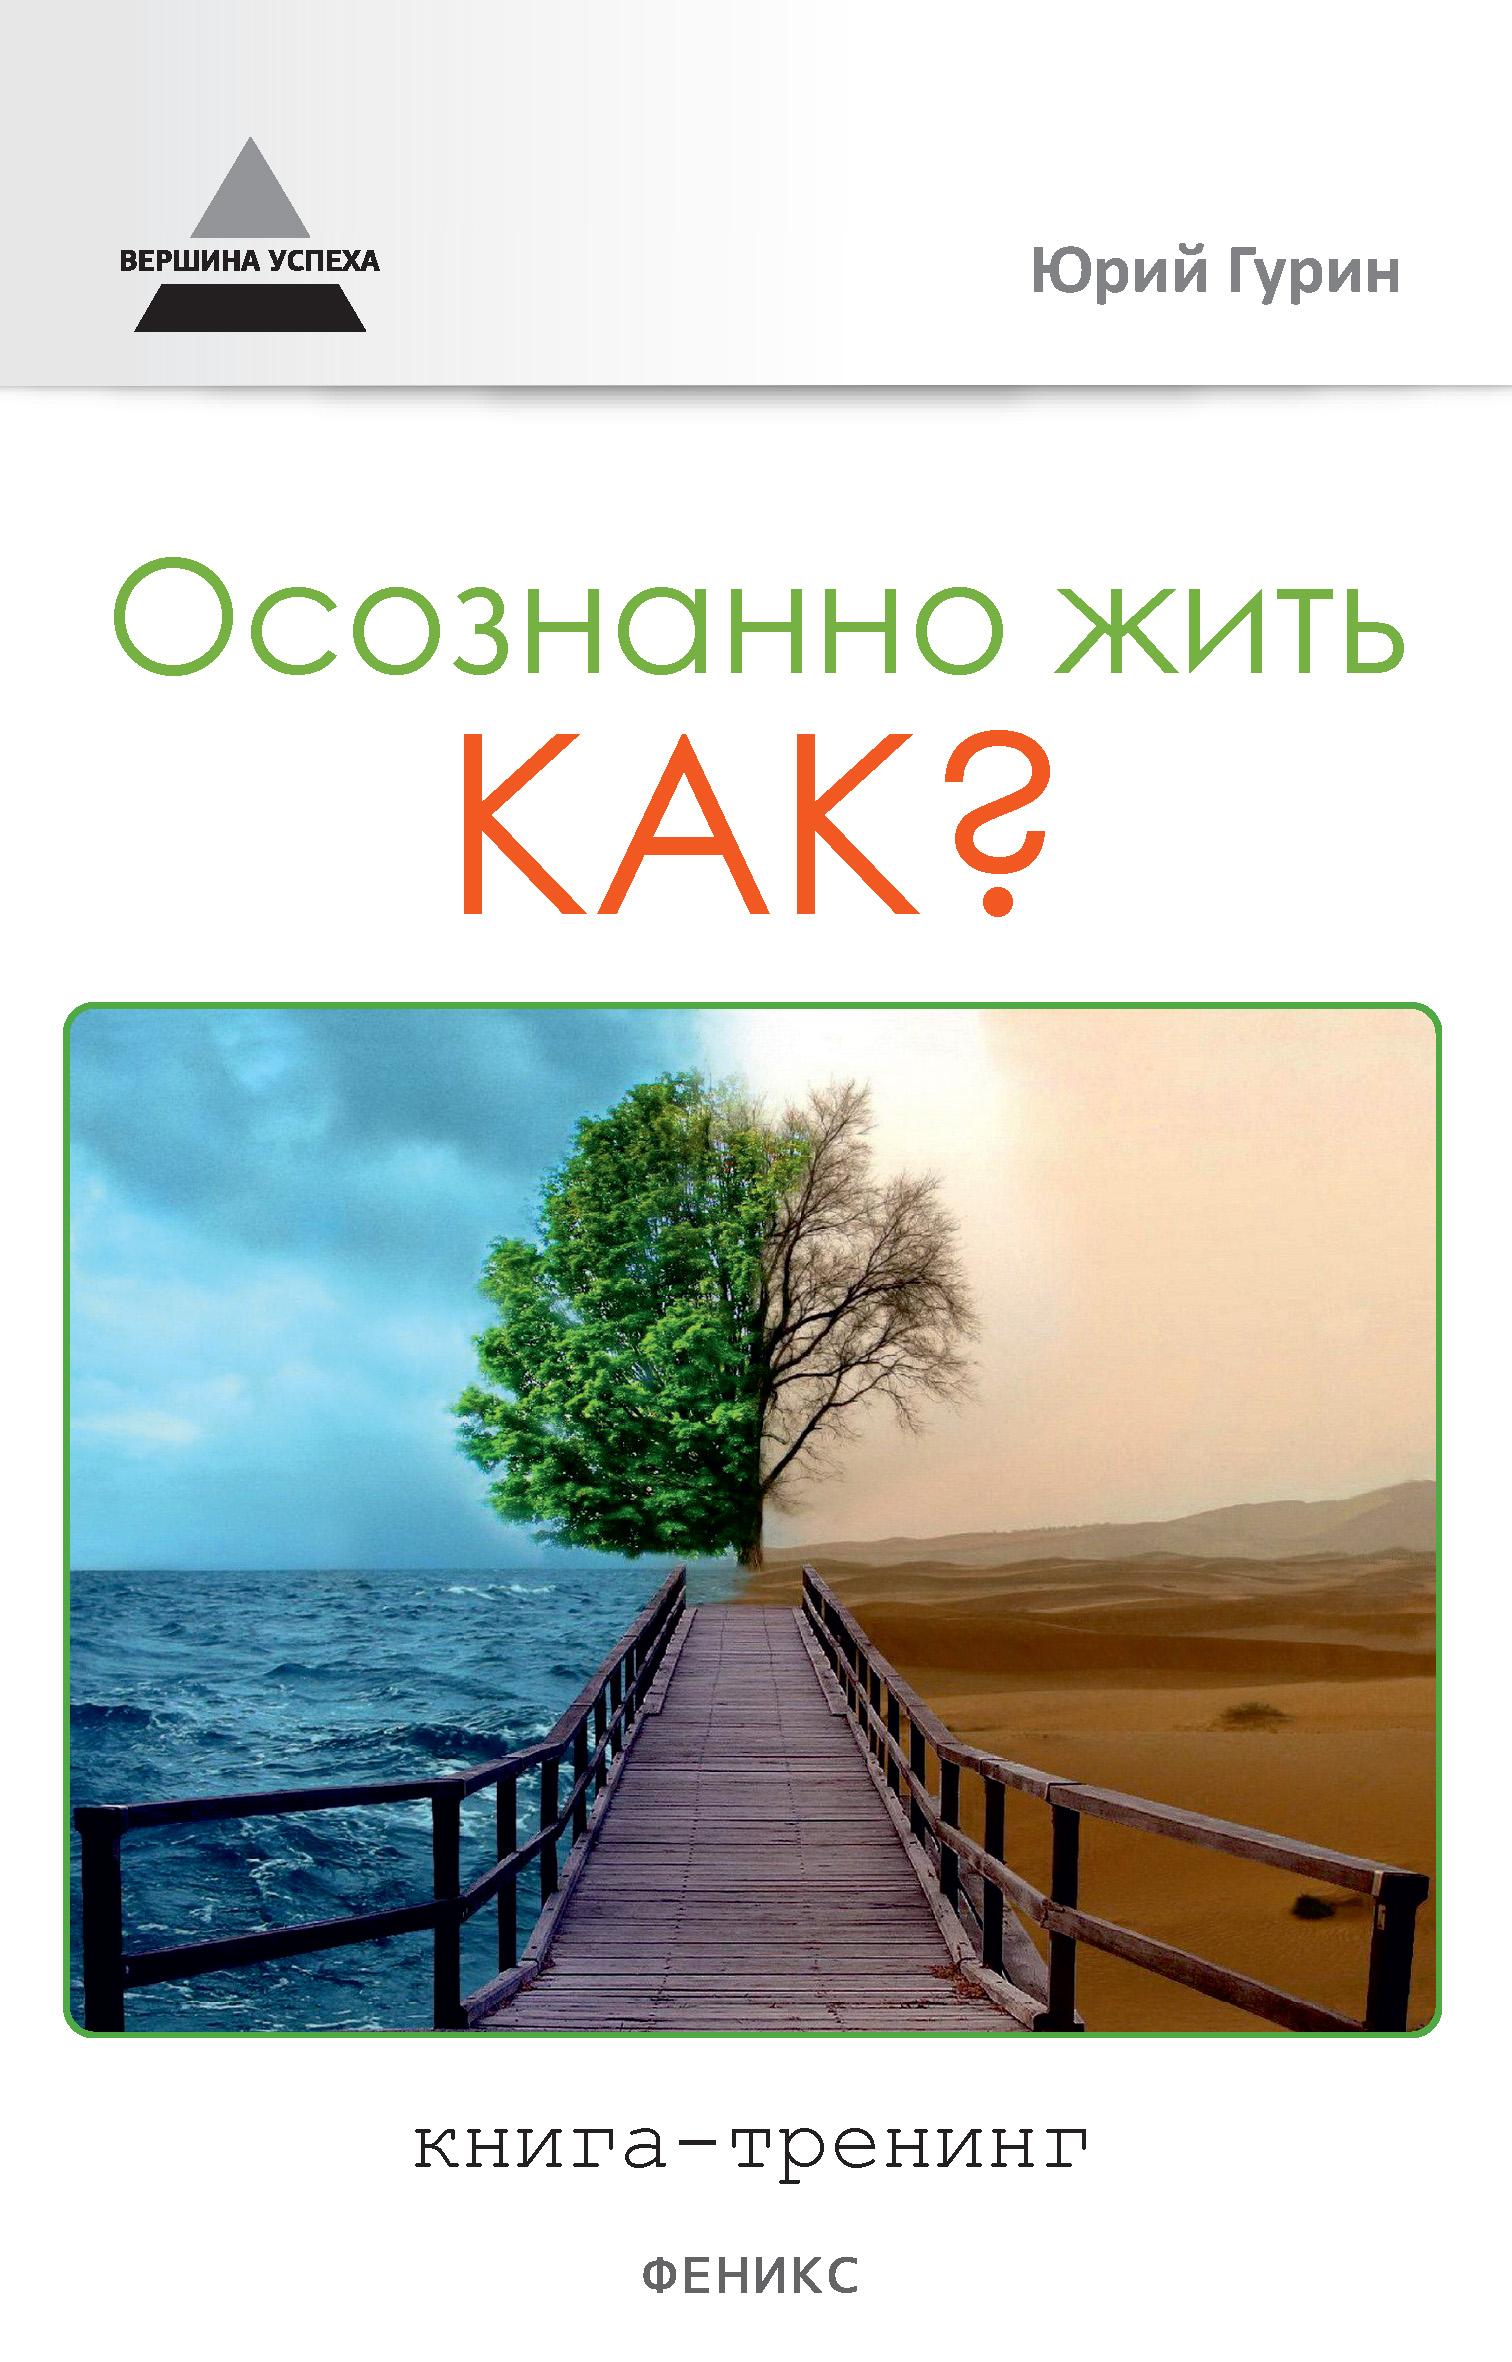 Юрий Гурин «Осознанно жить. Как? Книга-тренинг»